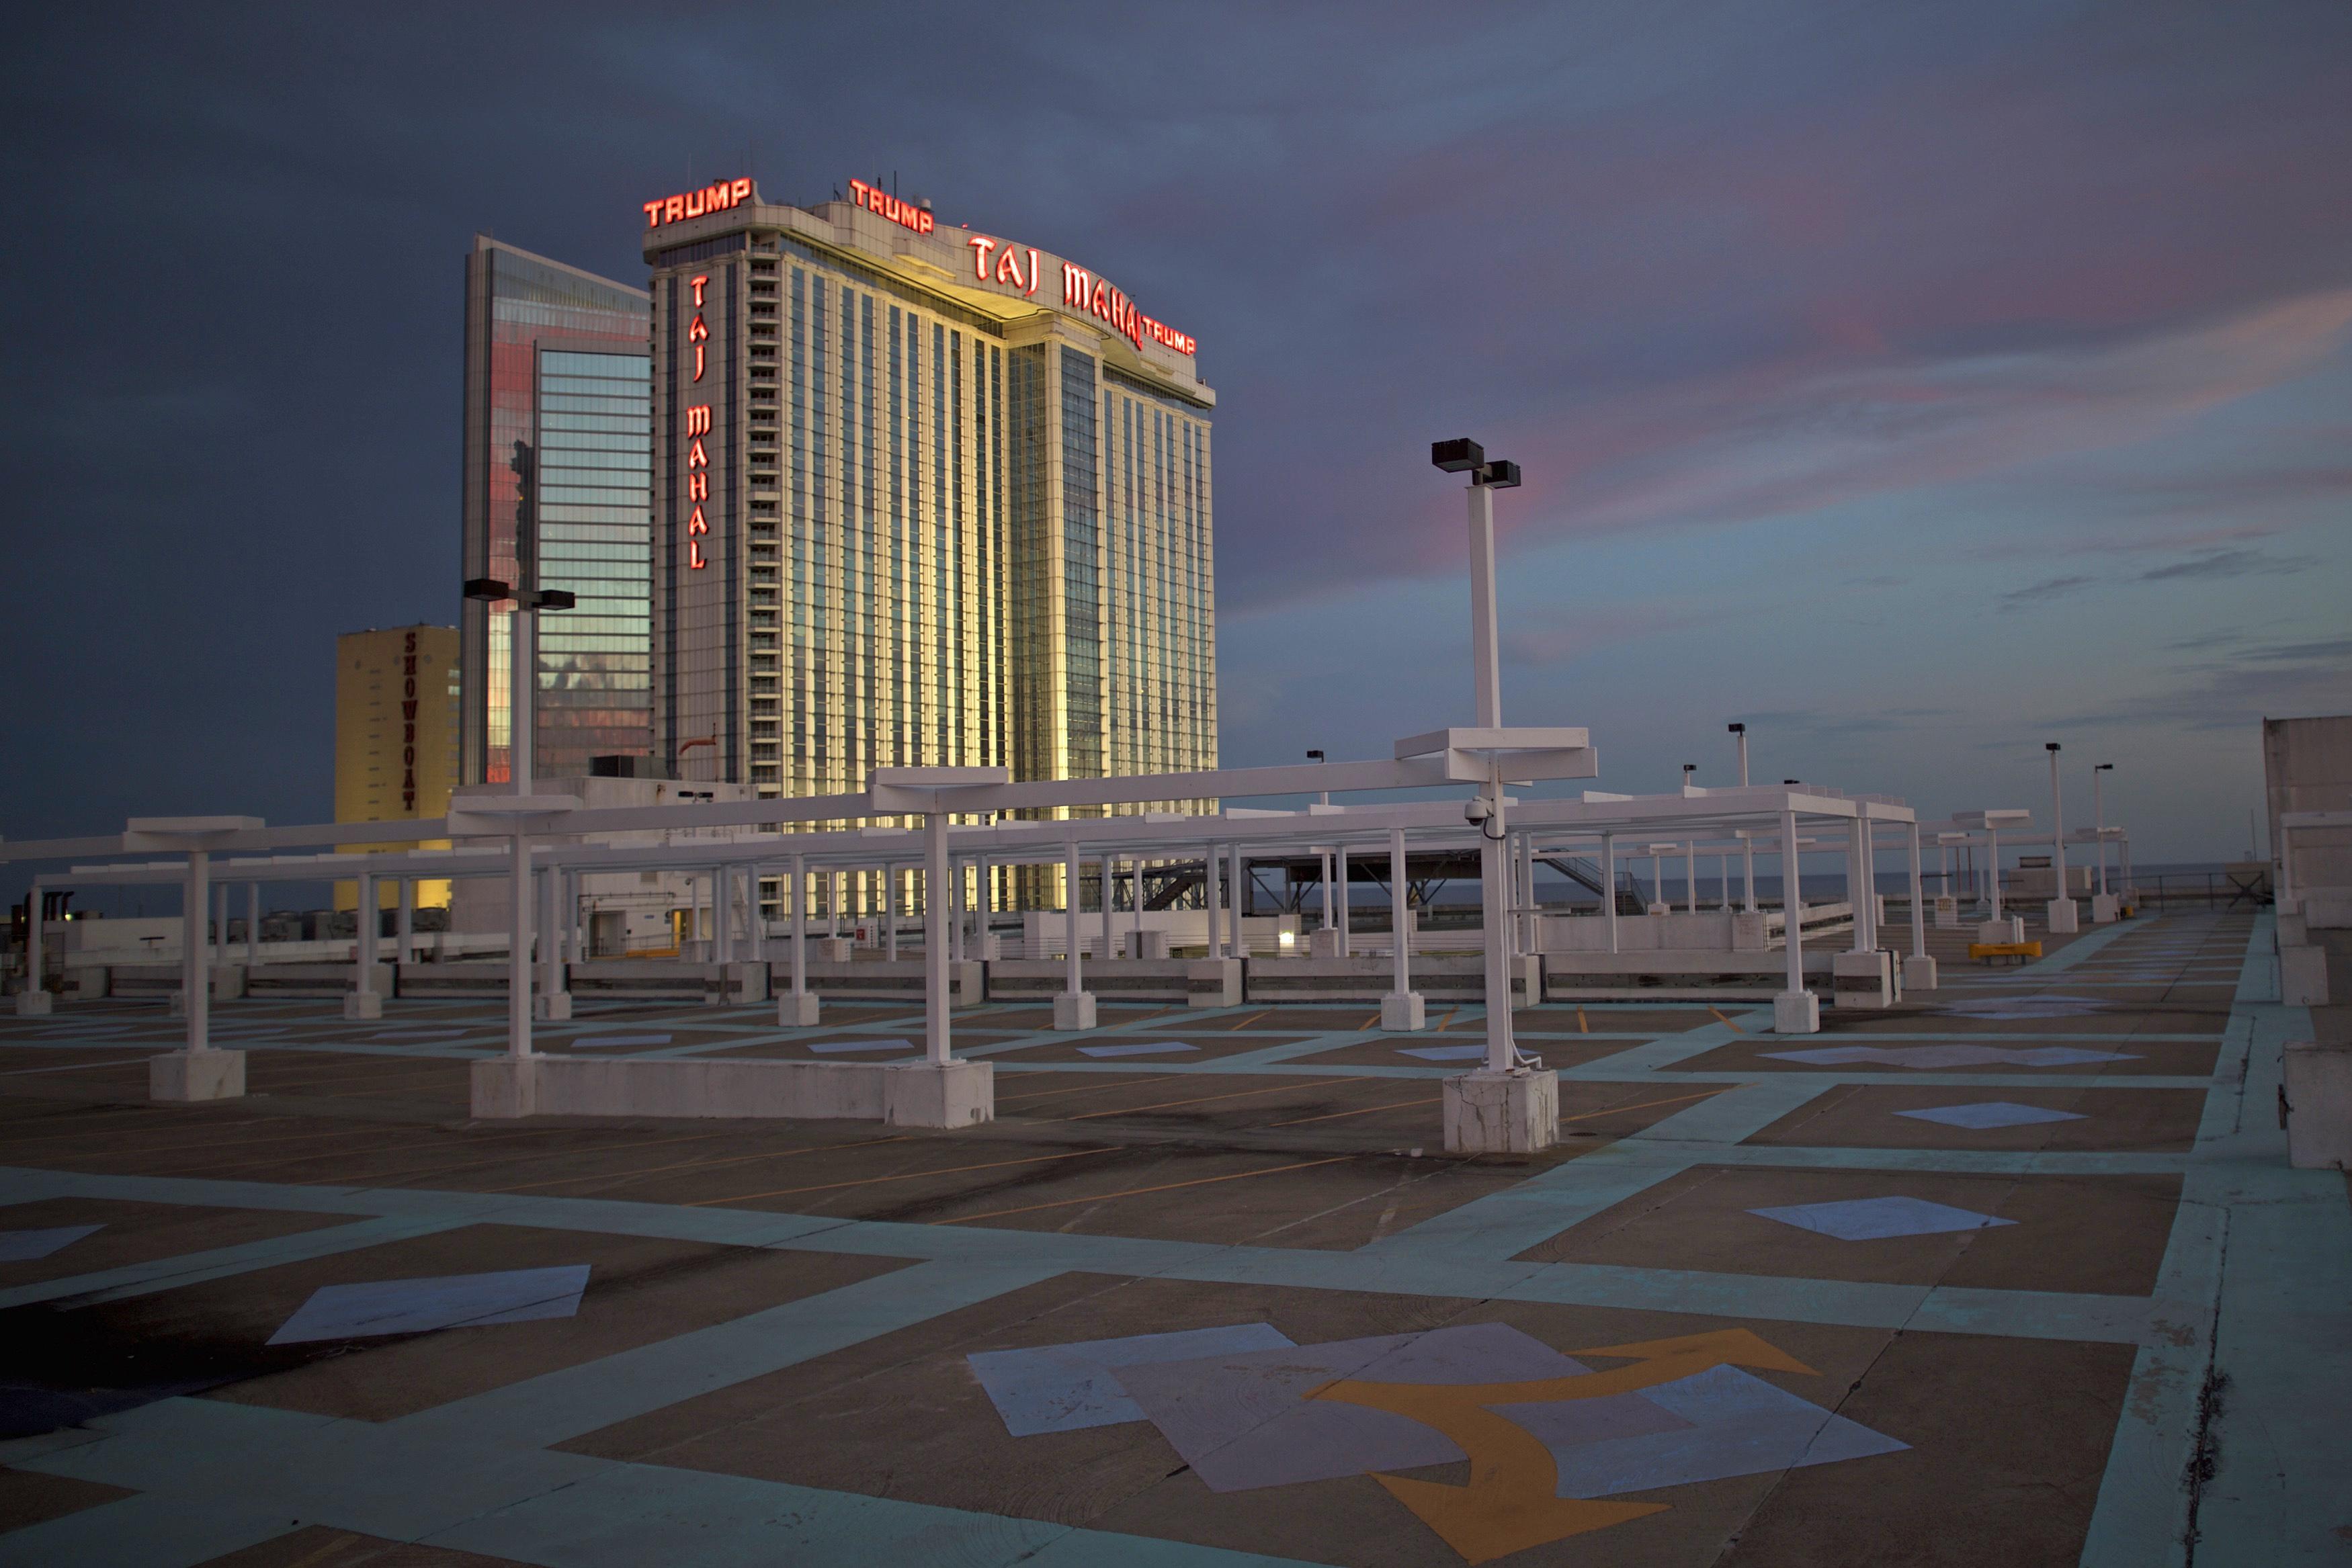 250 free spins casino sans dépôt à Casino.com